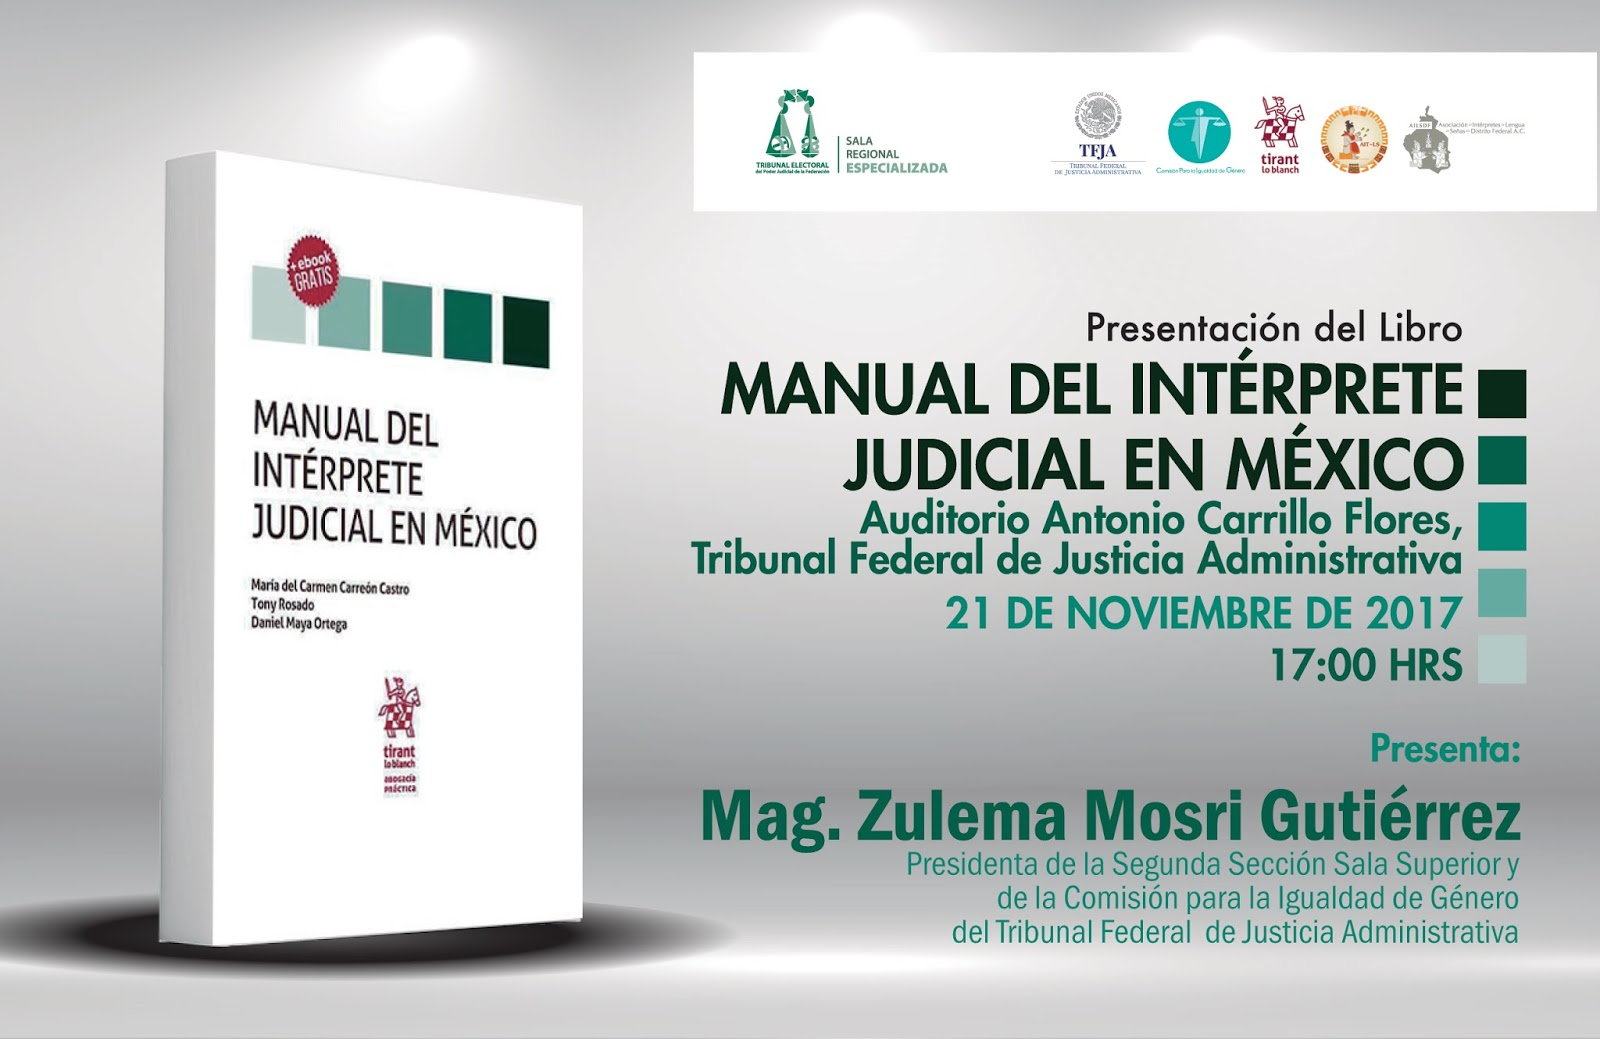 MANUAL DEL INTERPRETE JUDICIAL